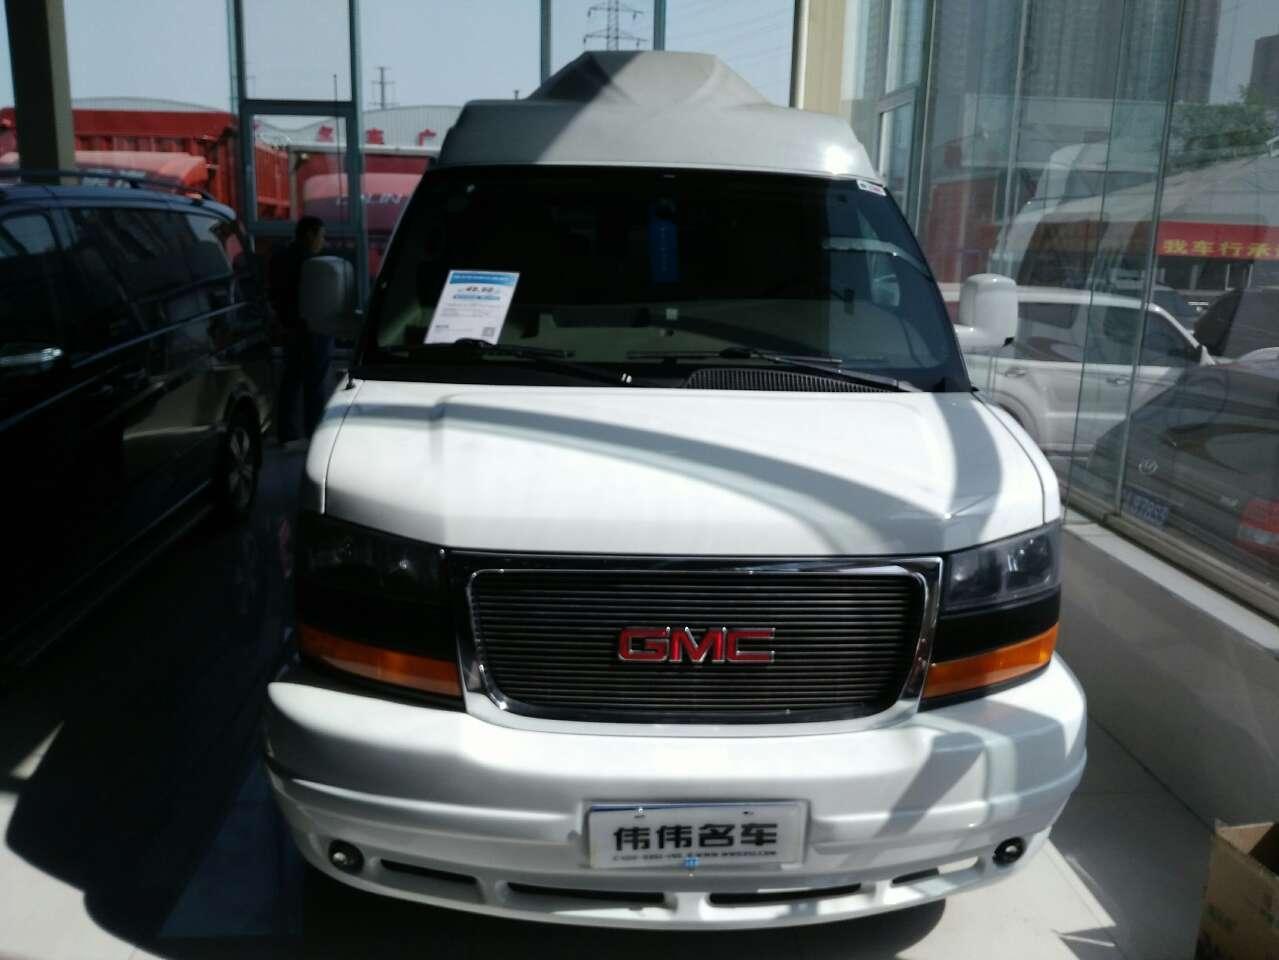 GMCSAVANA(进口)2013款 SAVANA(进口) 豪华商务车型2500新款 10座后驱